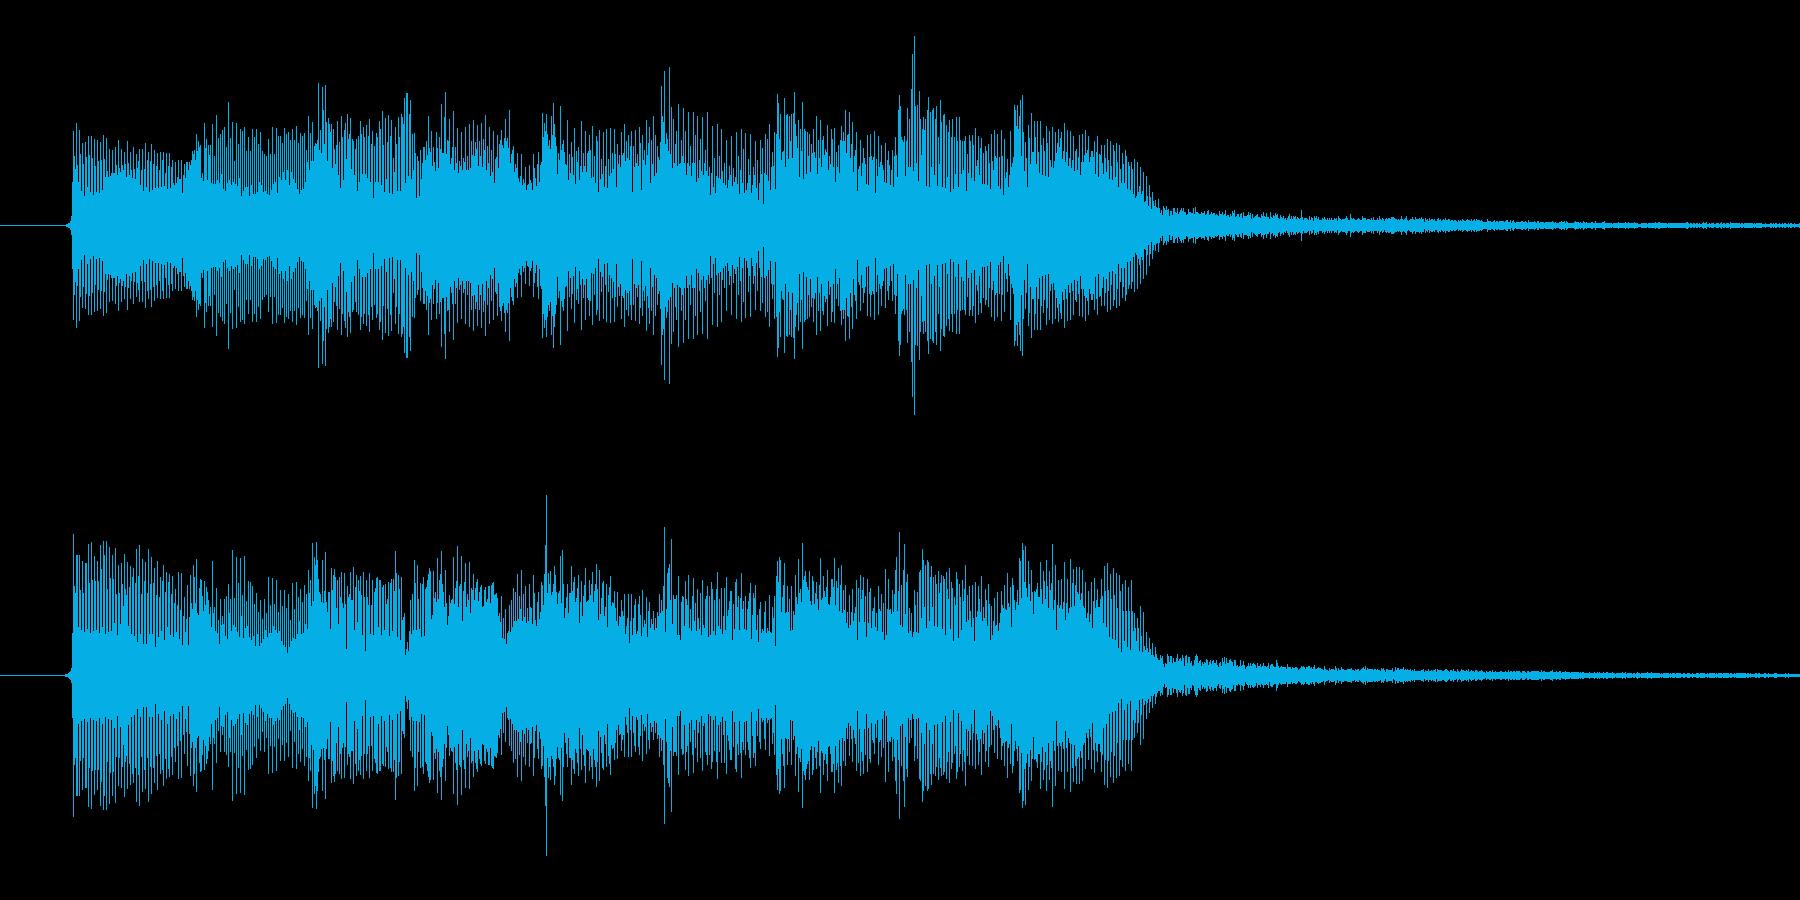 「テレテレテレテレレ」。入店音っぽいの再生済みの波形